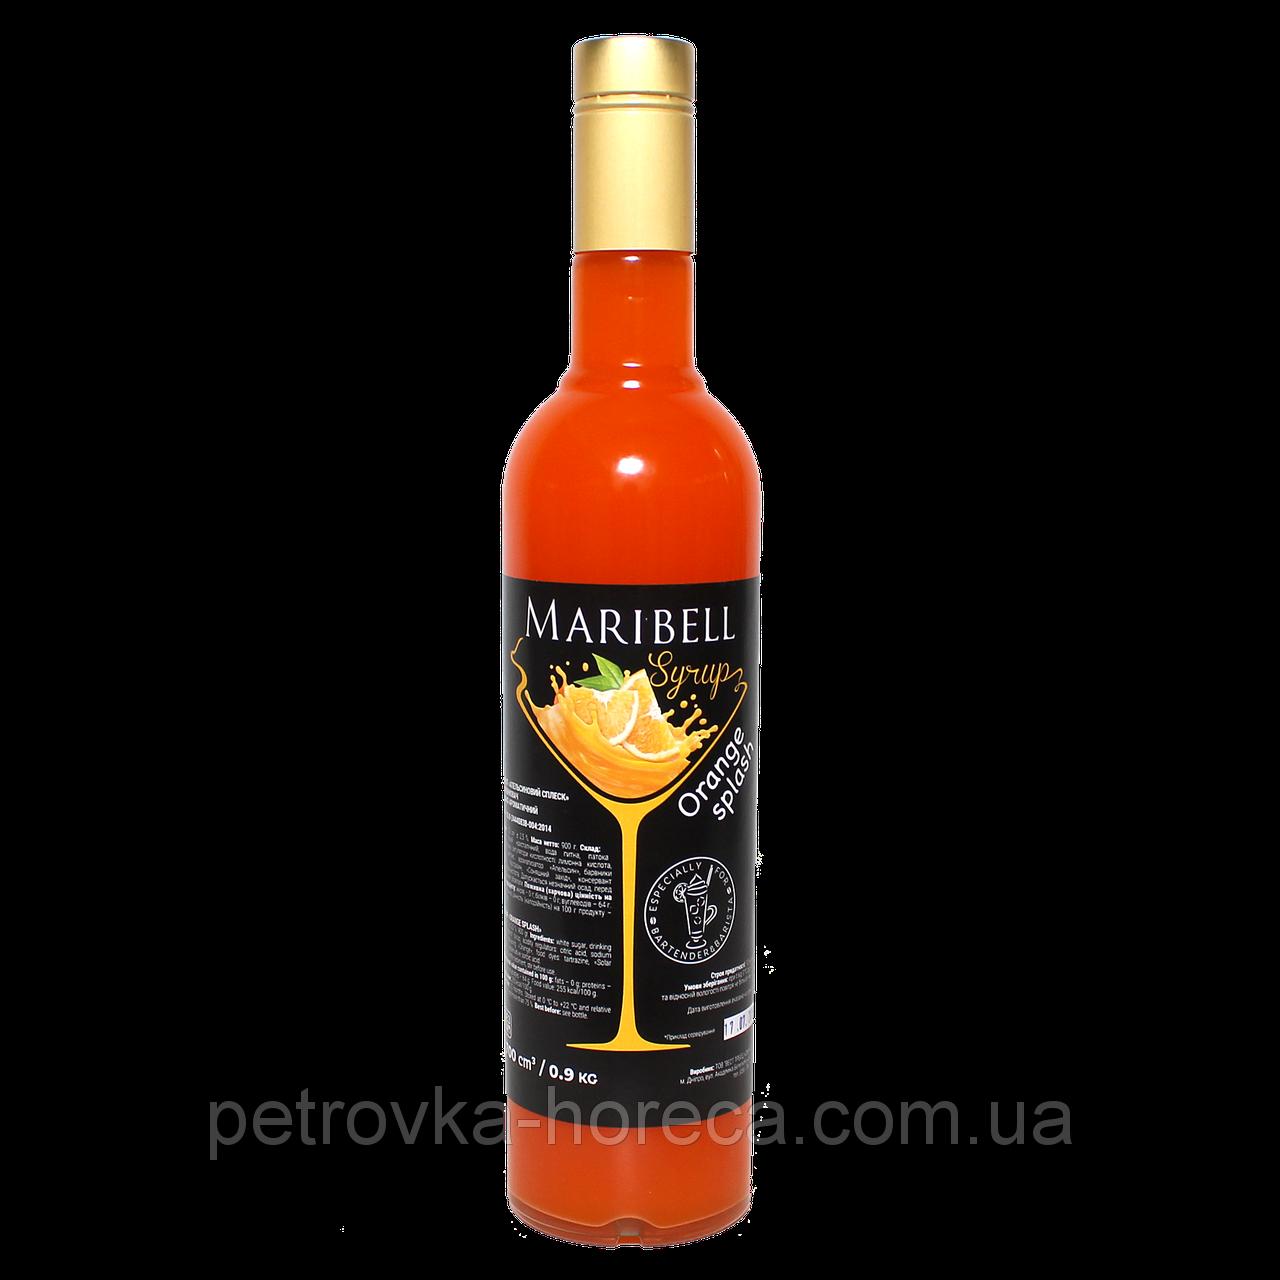 """Сироп коктейльный Maribell """"Апельсиновый Всплеск (Фанта)"""" 700мл"""